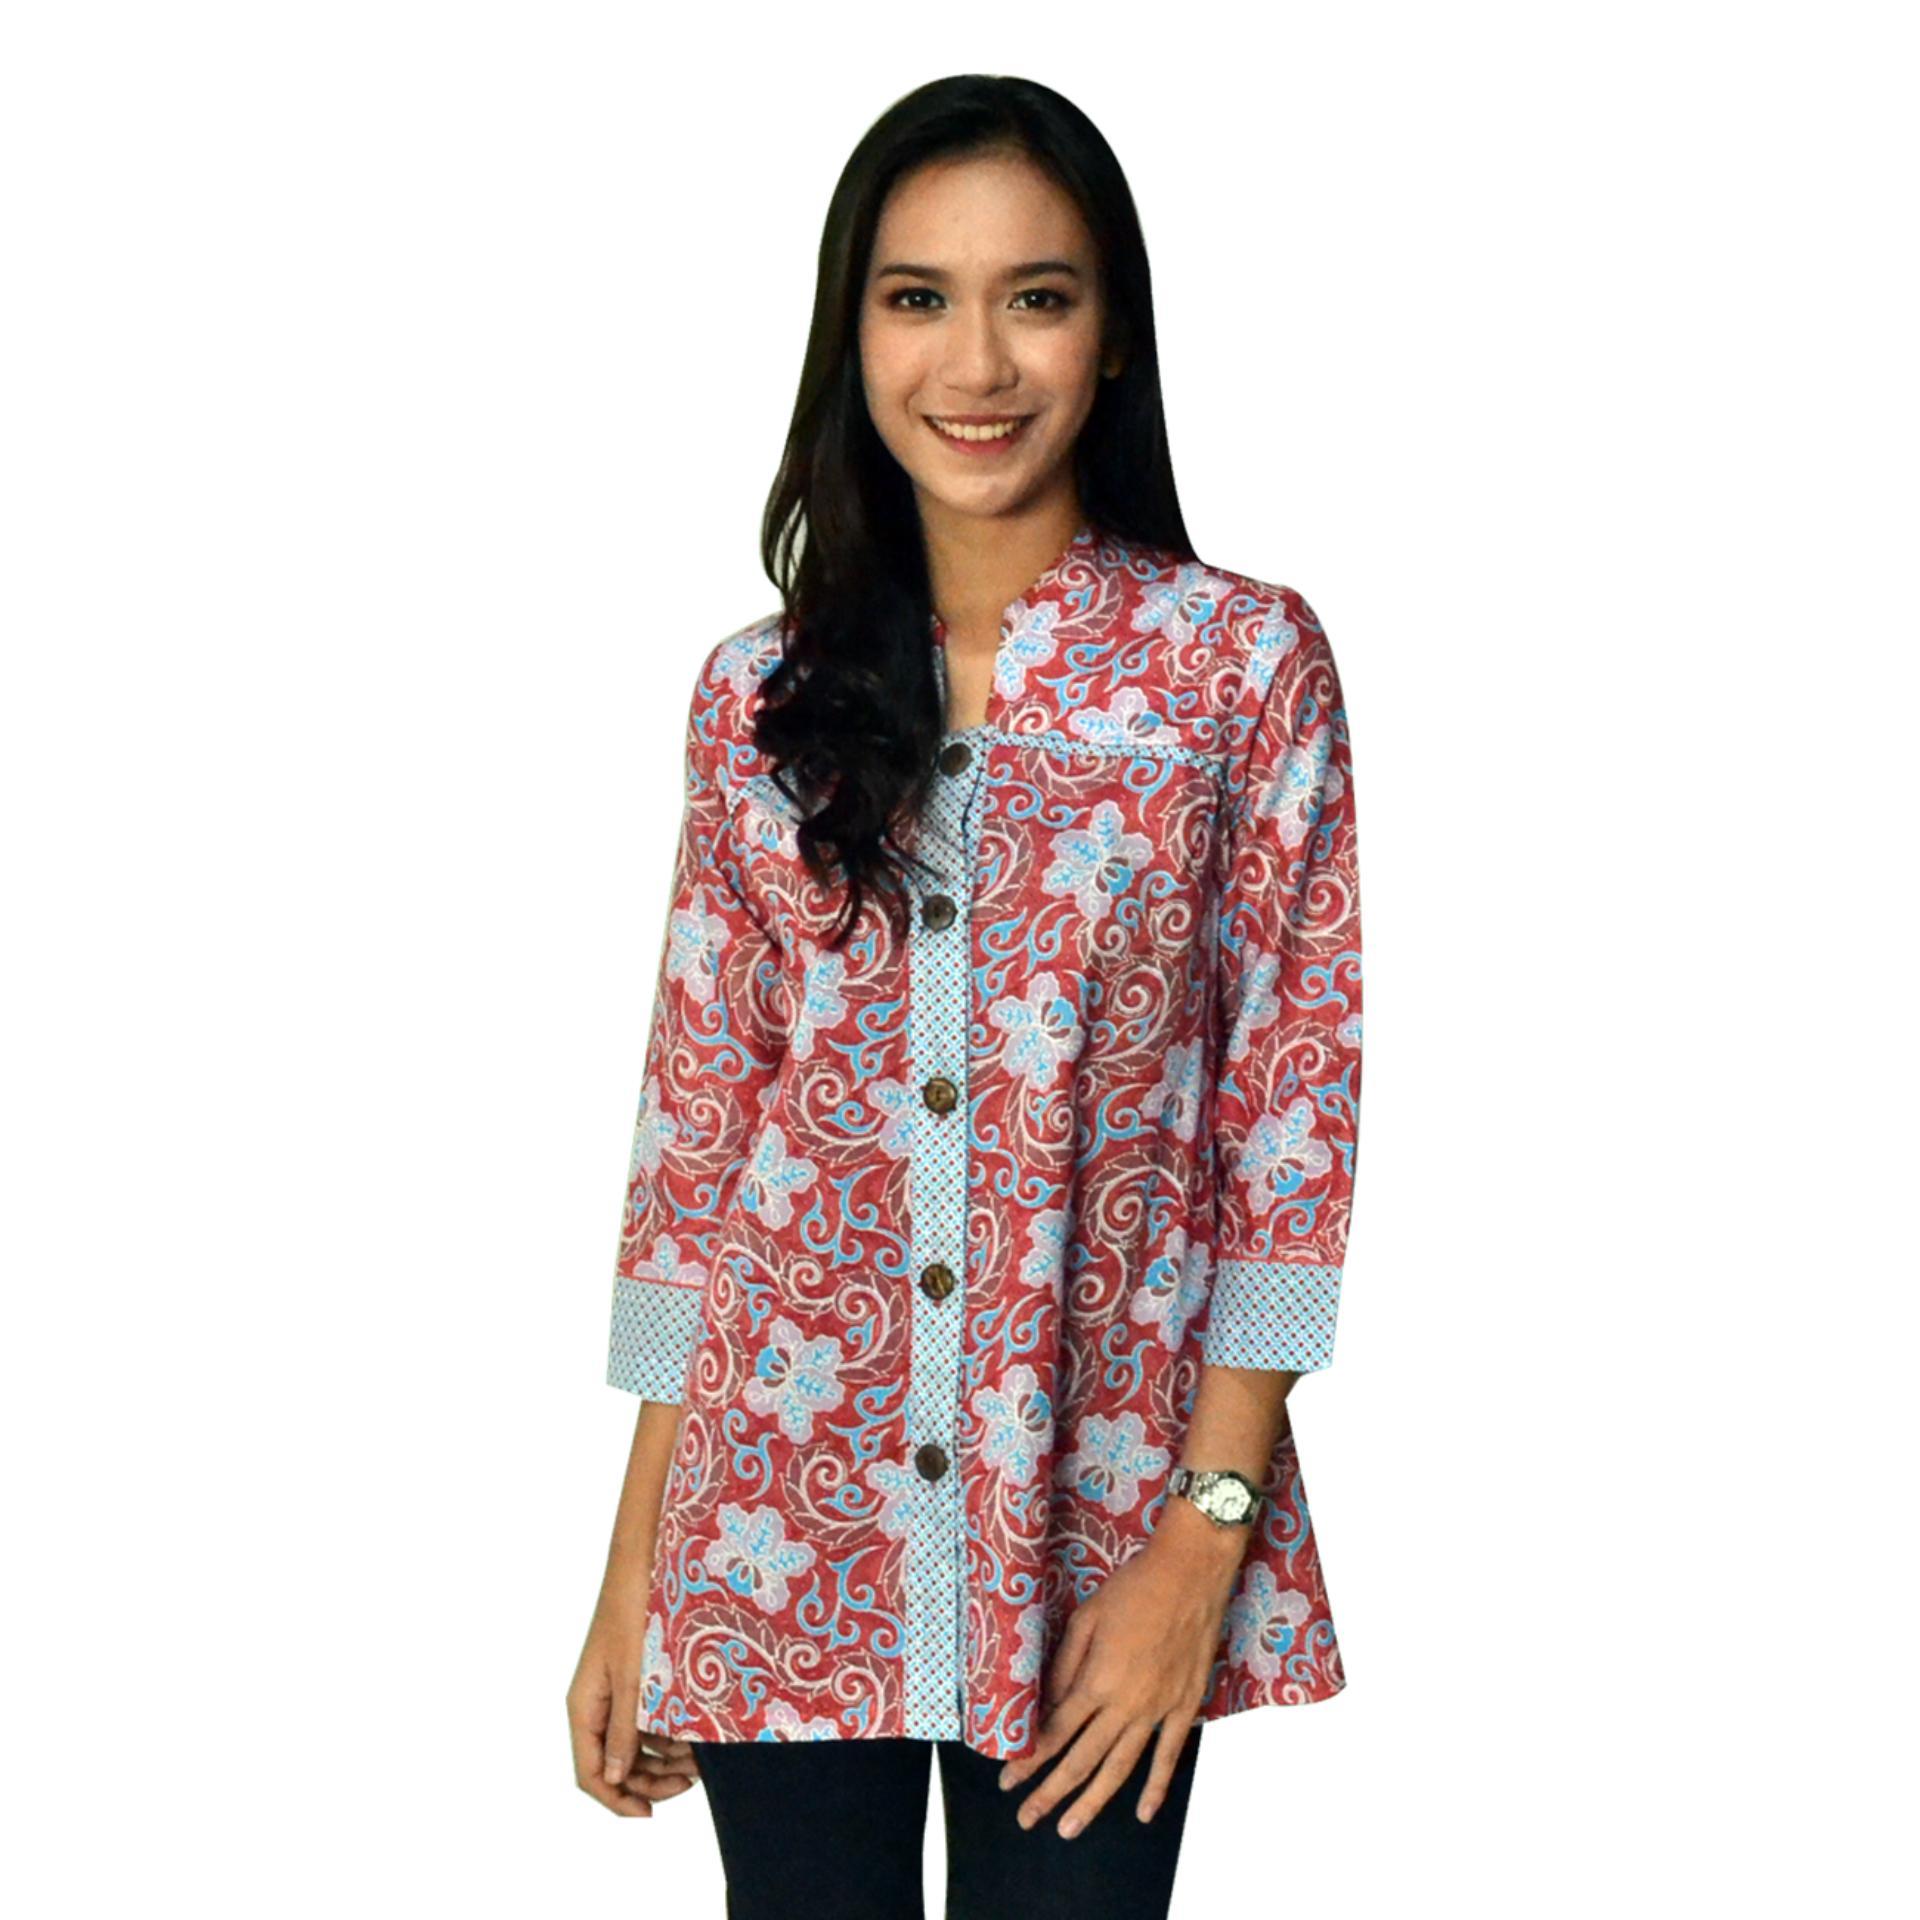 Batik Arjunaweda Kemeja Bodyfit Pria Kawung Pelangi Merah Adikusuma Koko Raster Geometris Muda L Pendek Warna Biru Daftar Harga Source Jual Produk